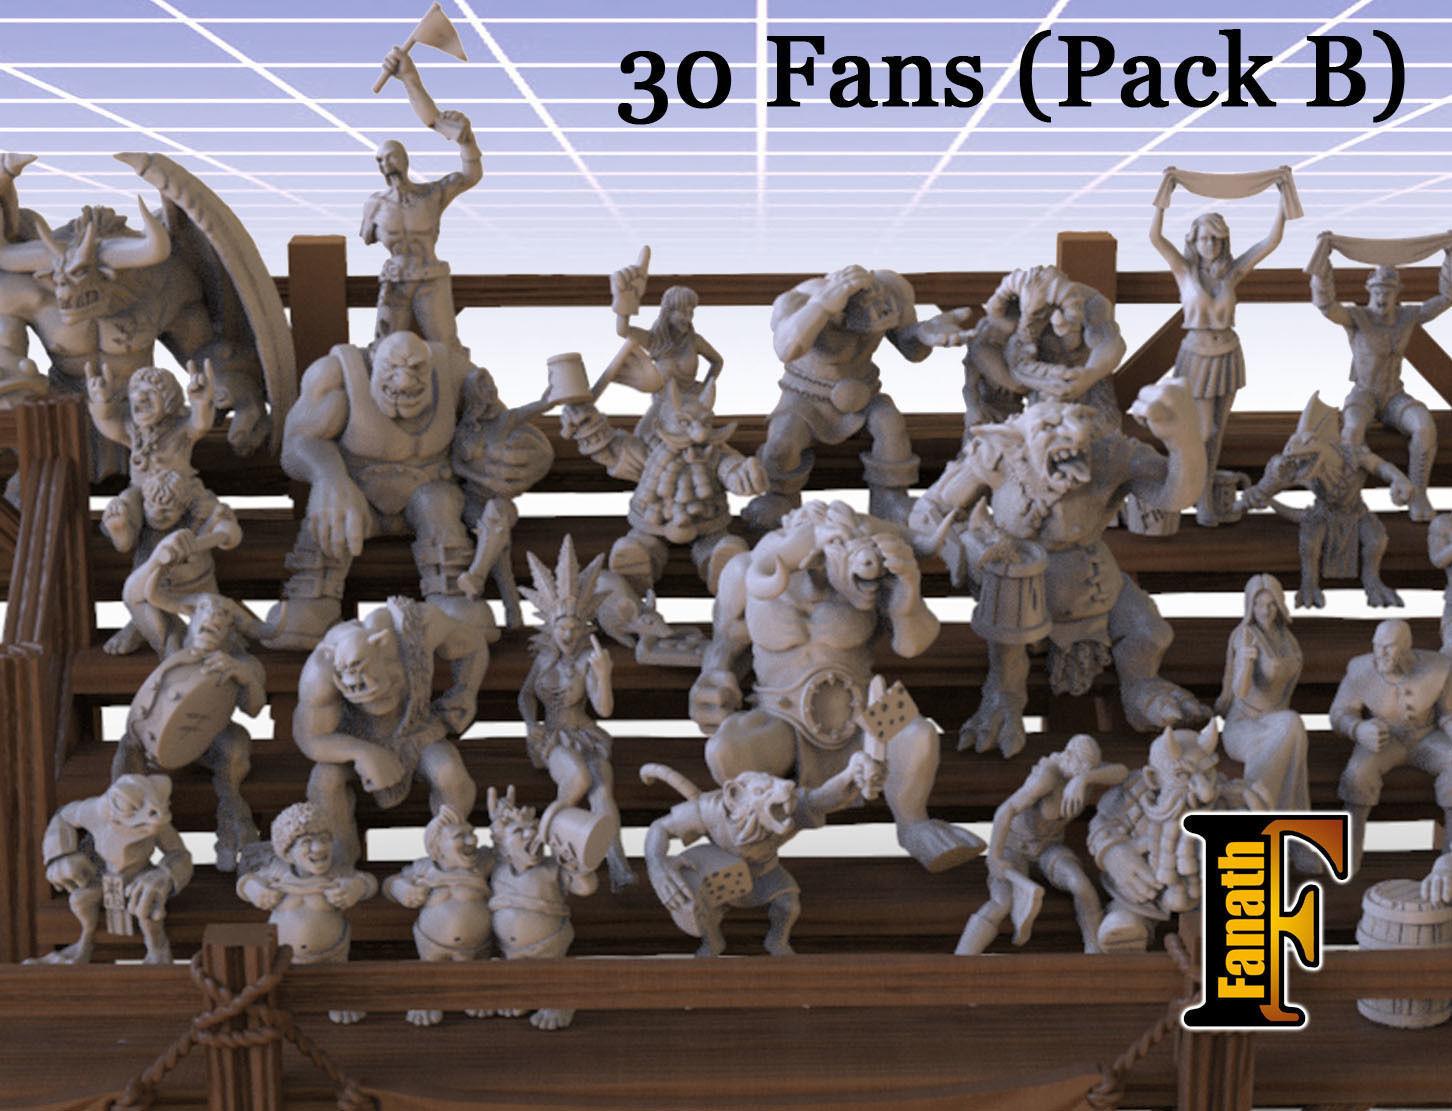 Fans pack B